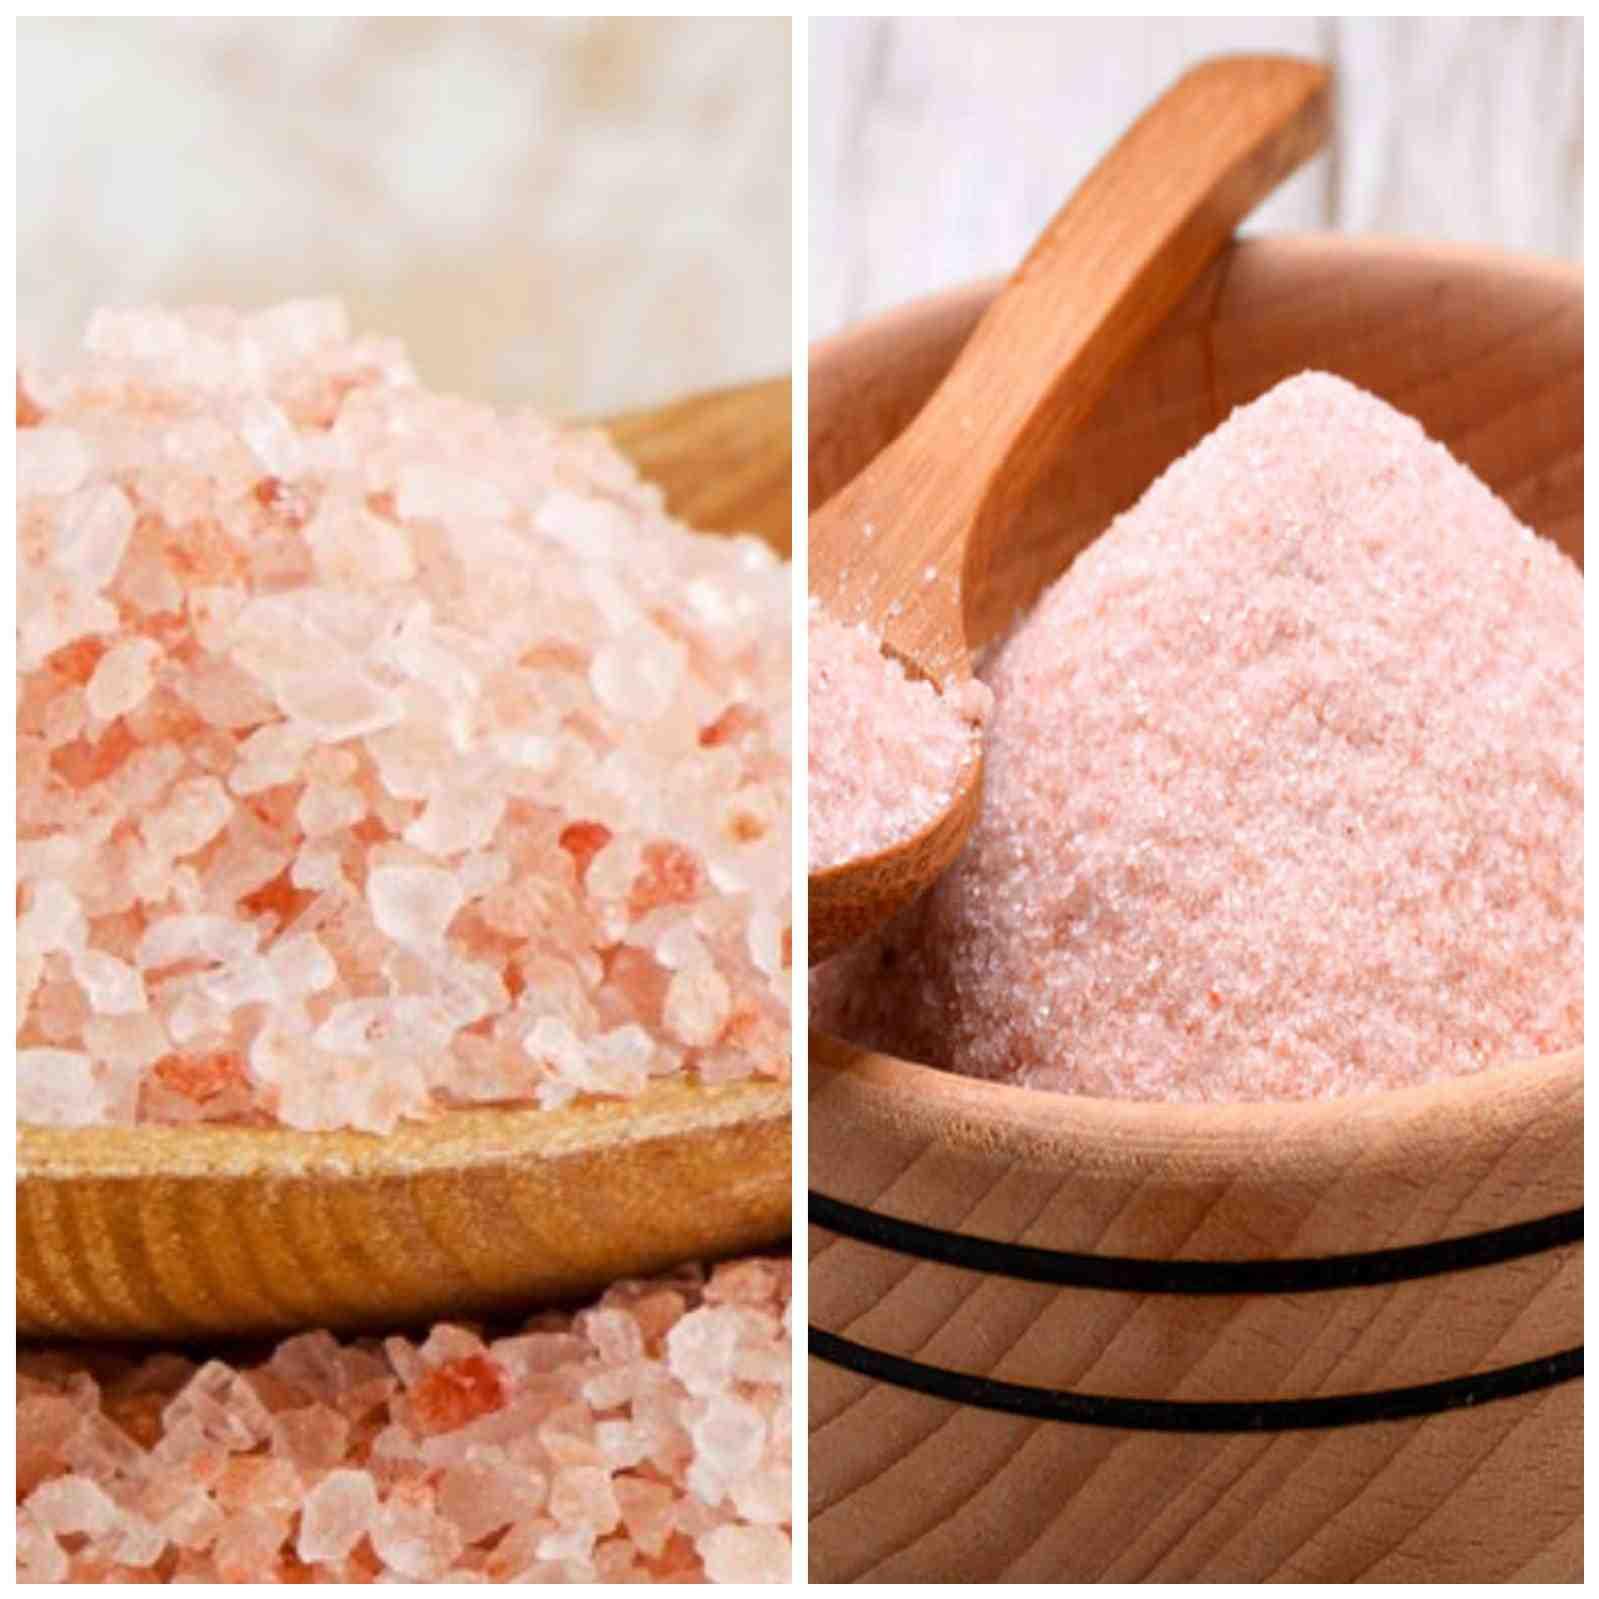 L/ámpara de sal del Himalaya Cabecera de Dormitorio de L/ámpara de Sal Natural con Ajustador de Base de Madera de Sal natural Purificaci/ón de Aire L/ámpara de Sal de Ambiente Regalos Para 4-5kg